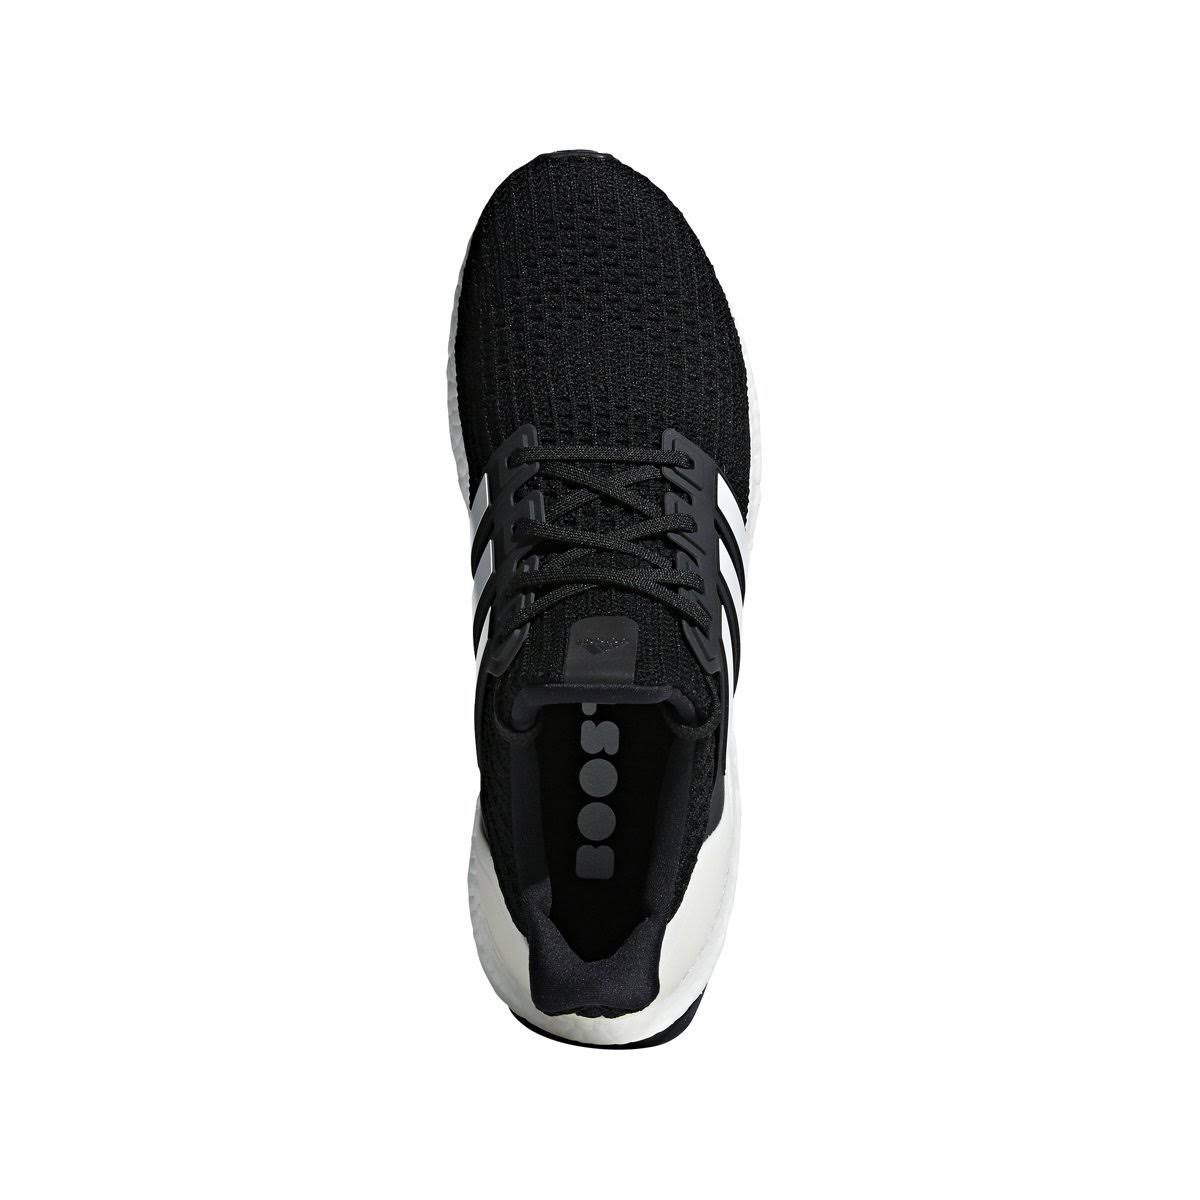 core 8 8 core Black Ultraboost Black core Ultraboost Black Adidas Adidas Ultraboost Adidas k80XnwOP